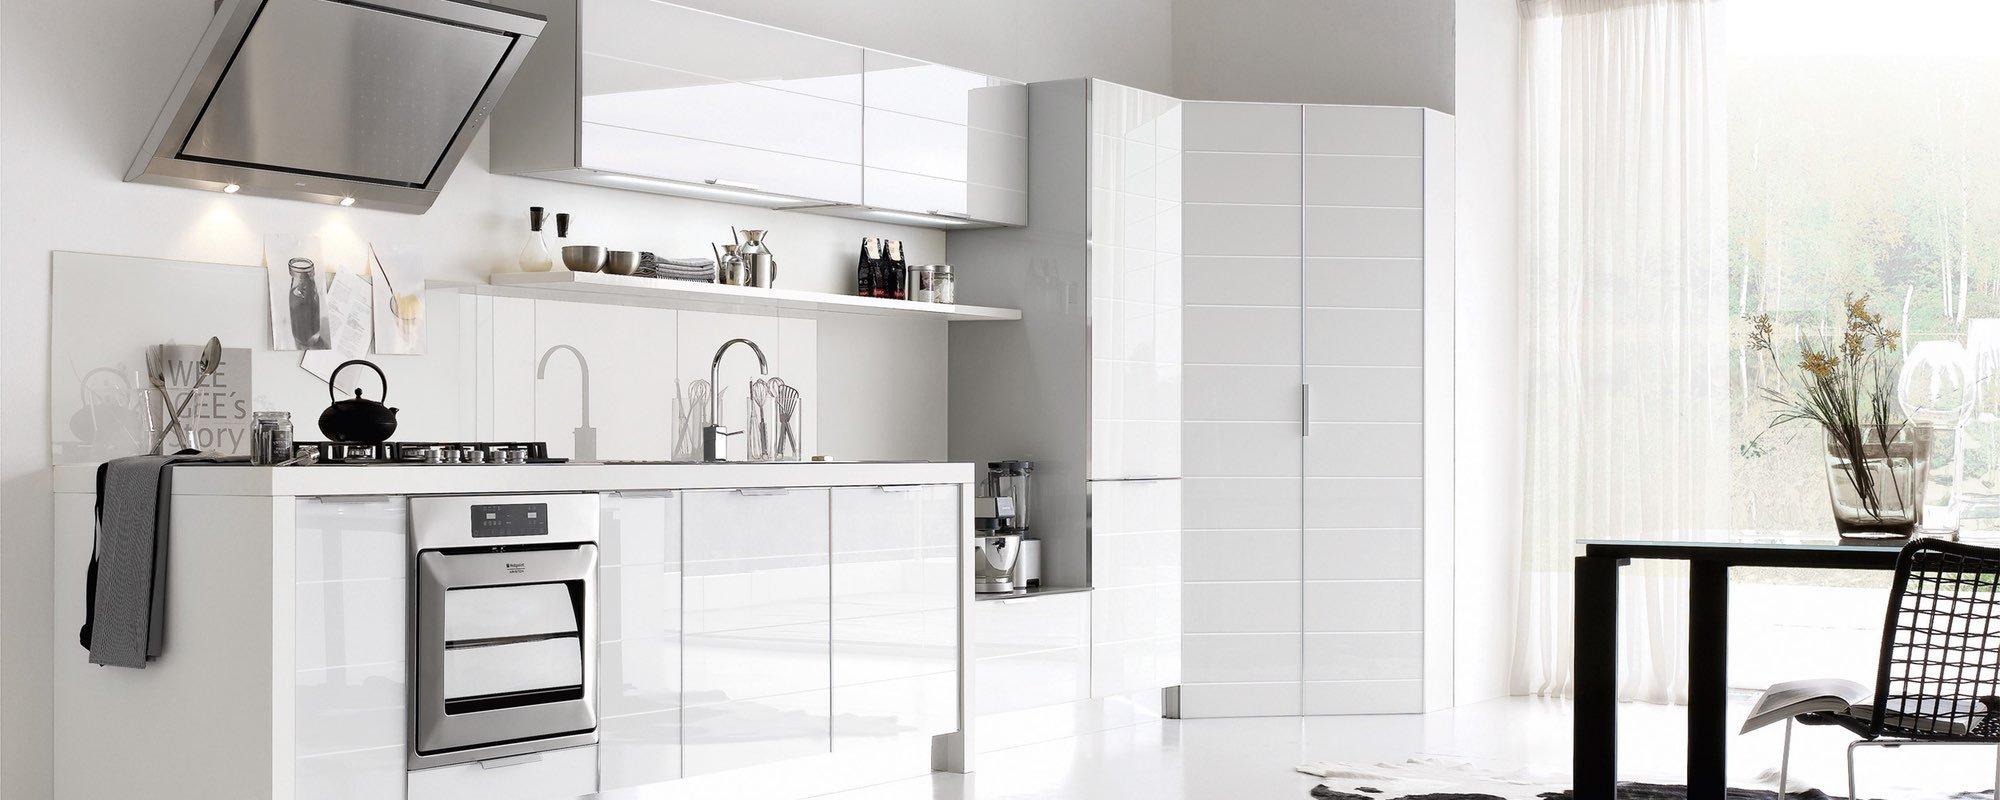 vista laterale di una cucina moderna bianca con arredamento -Brilliant